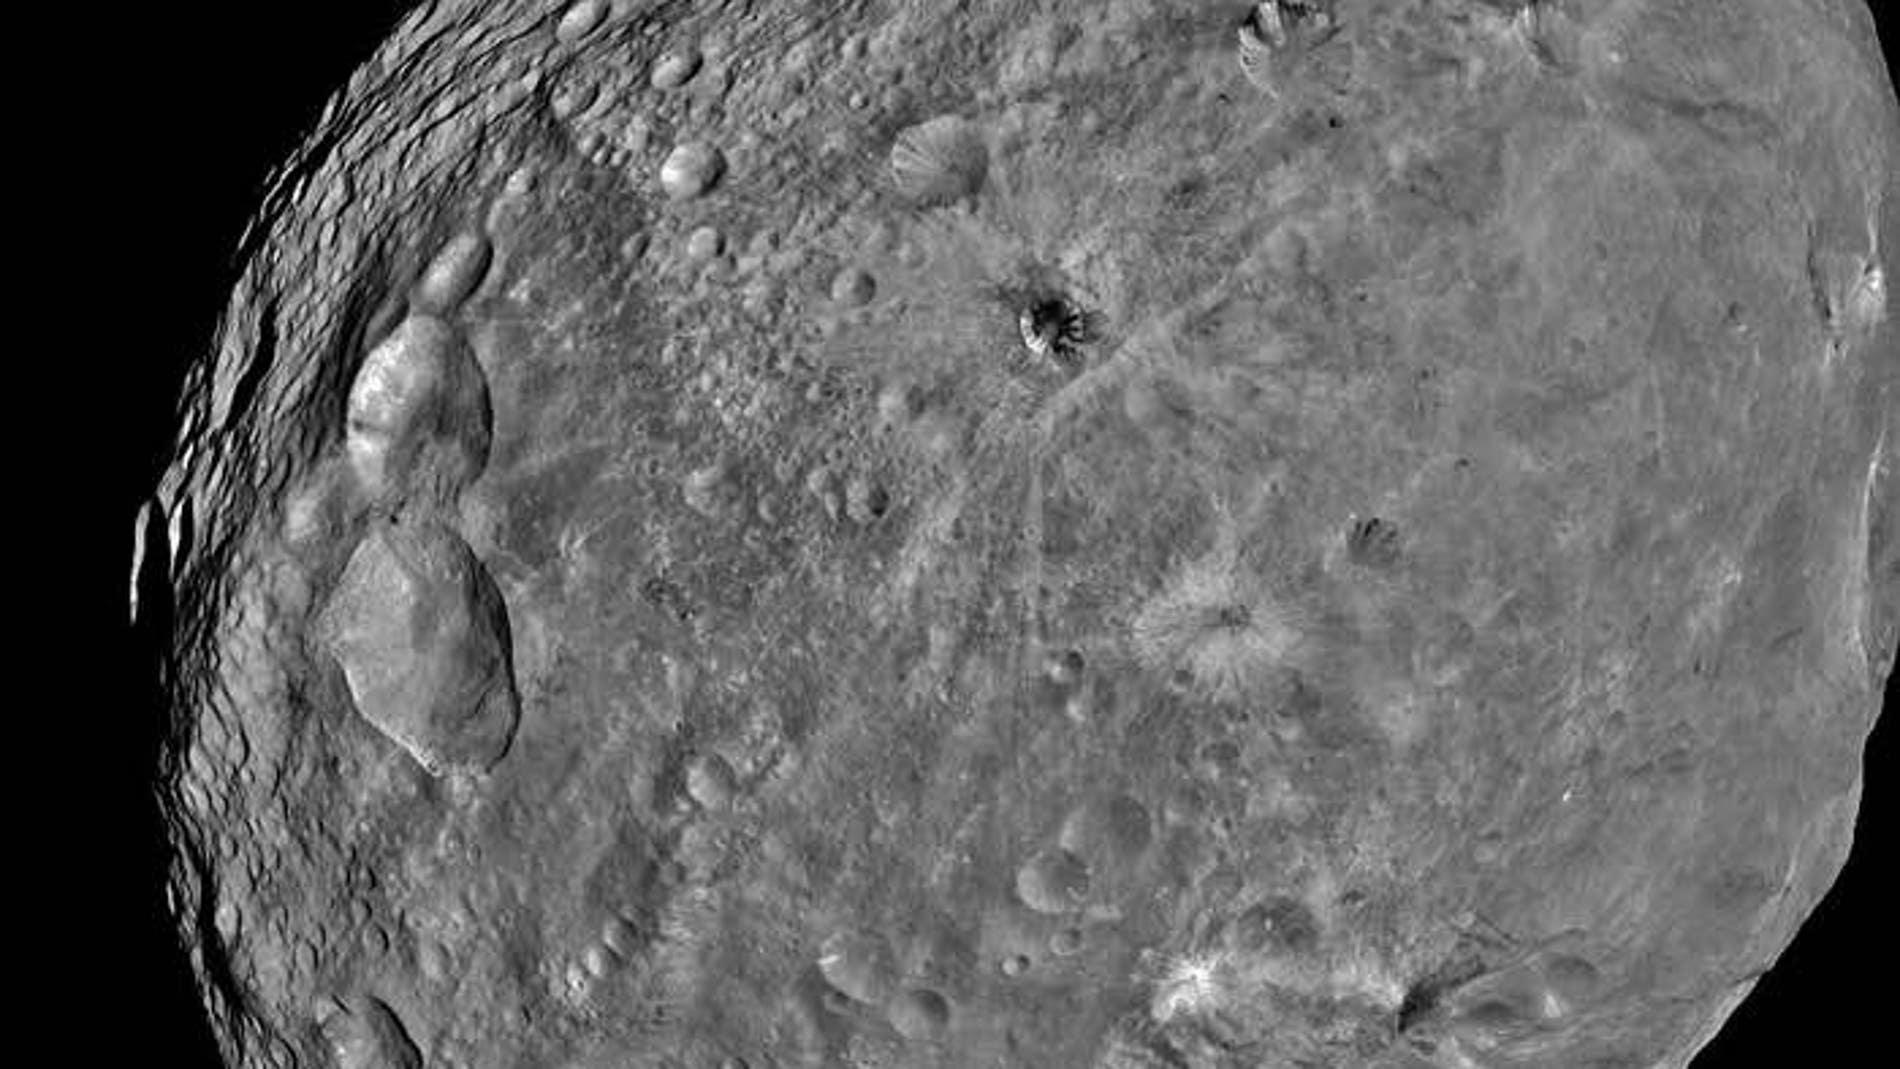 Cráter Cornelia en Vesta. A la derecha se ven los barrancos con los bordes curvados y el depósito con forma de abanico